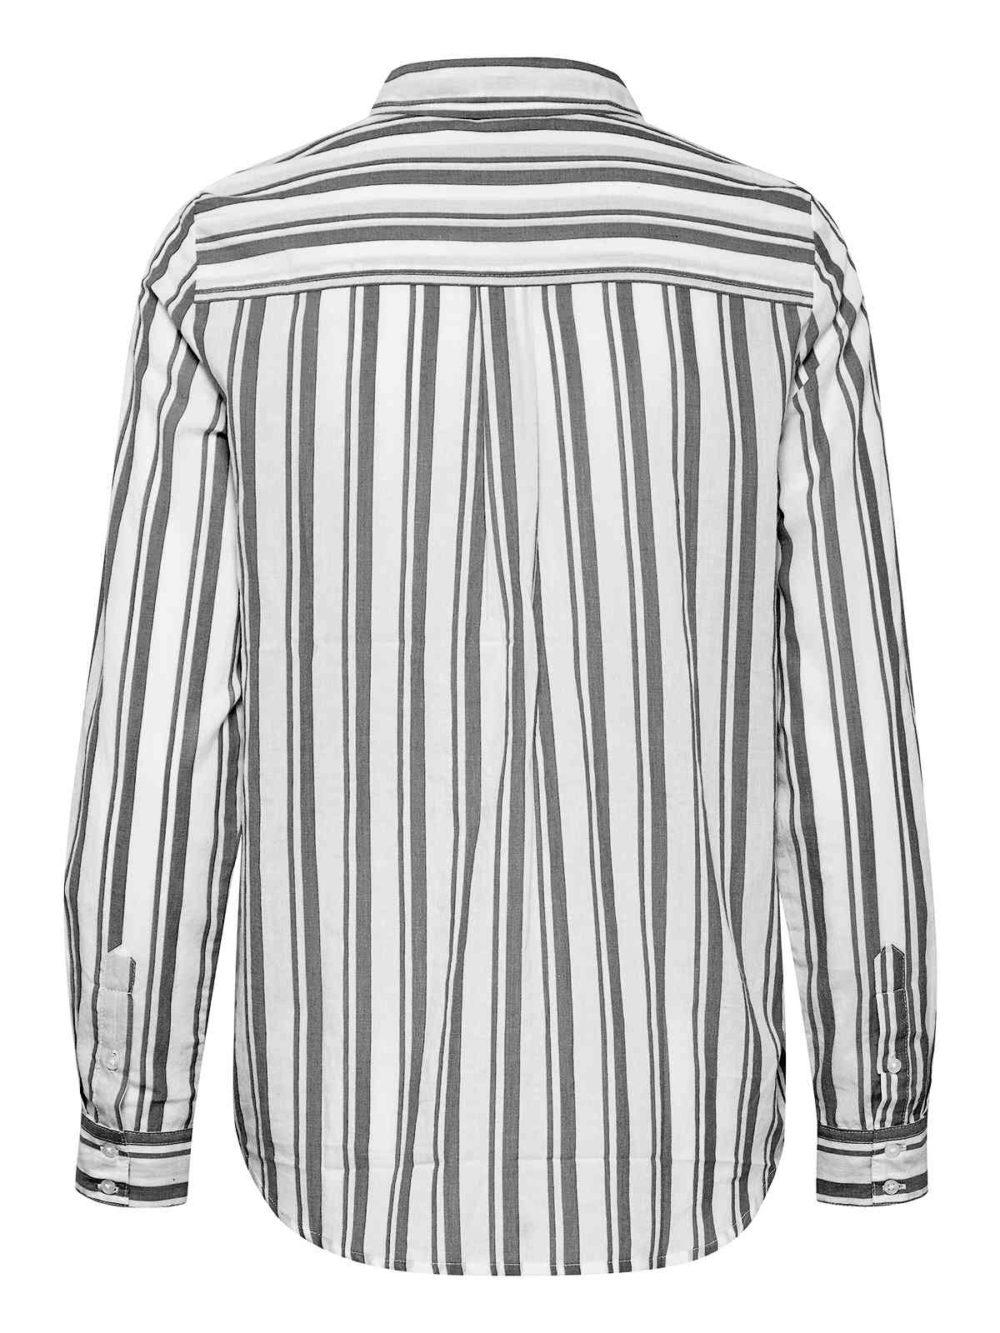 Asilo Shirt ICHI Katie Kerr Women's Clothing Women's Shirts